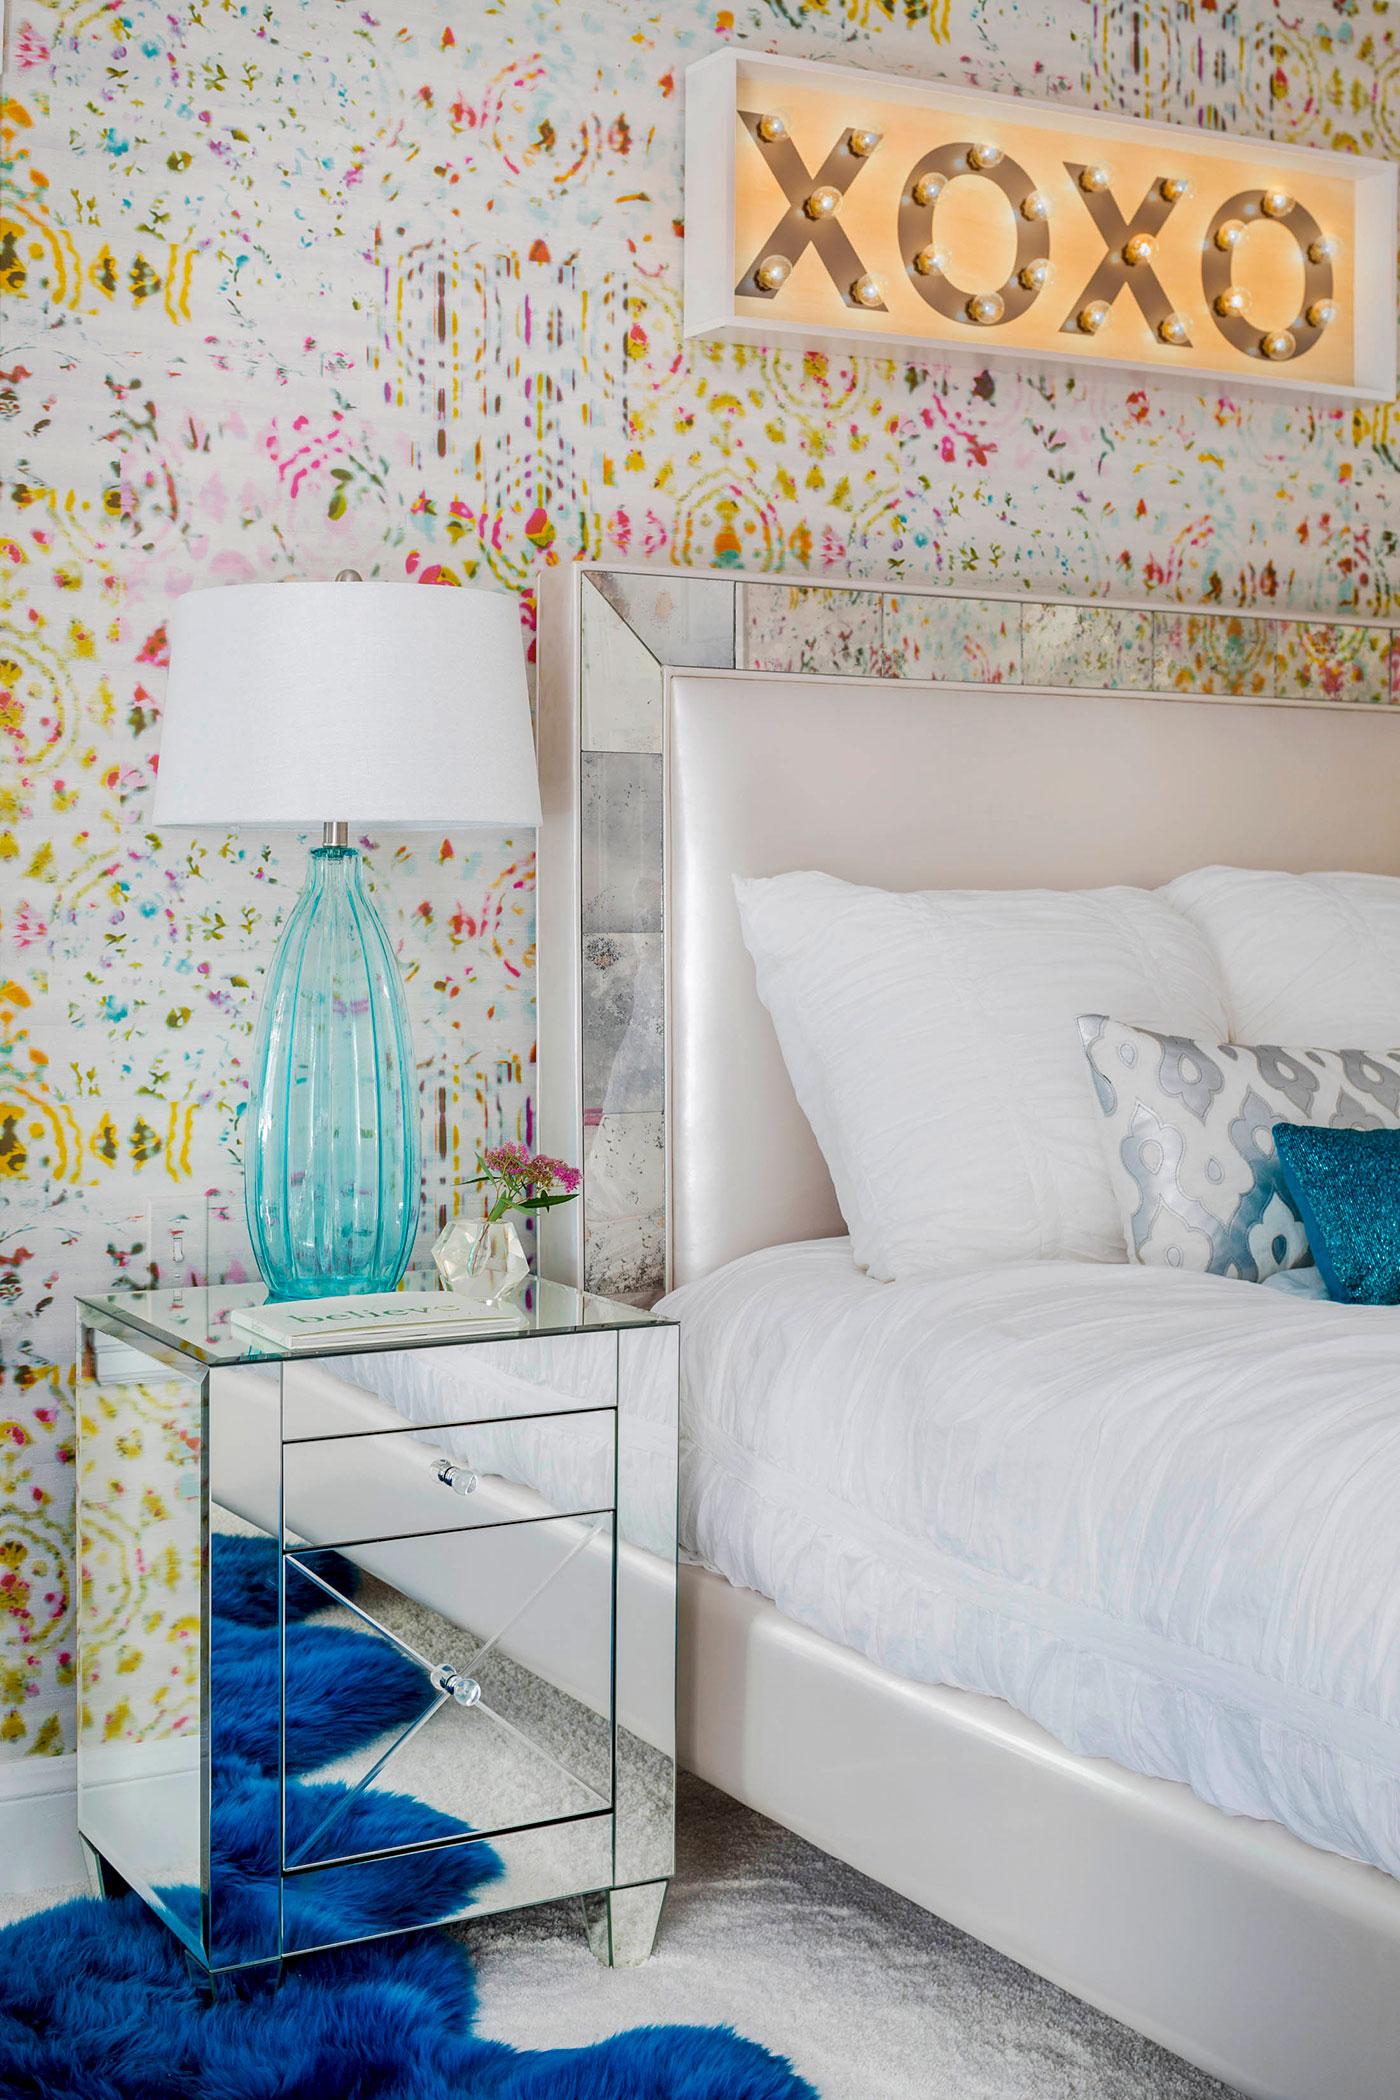 Teenage Girl's Bedroom by Heather Vaughan Interior Design